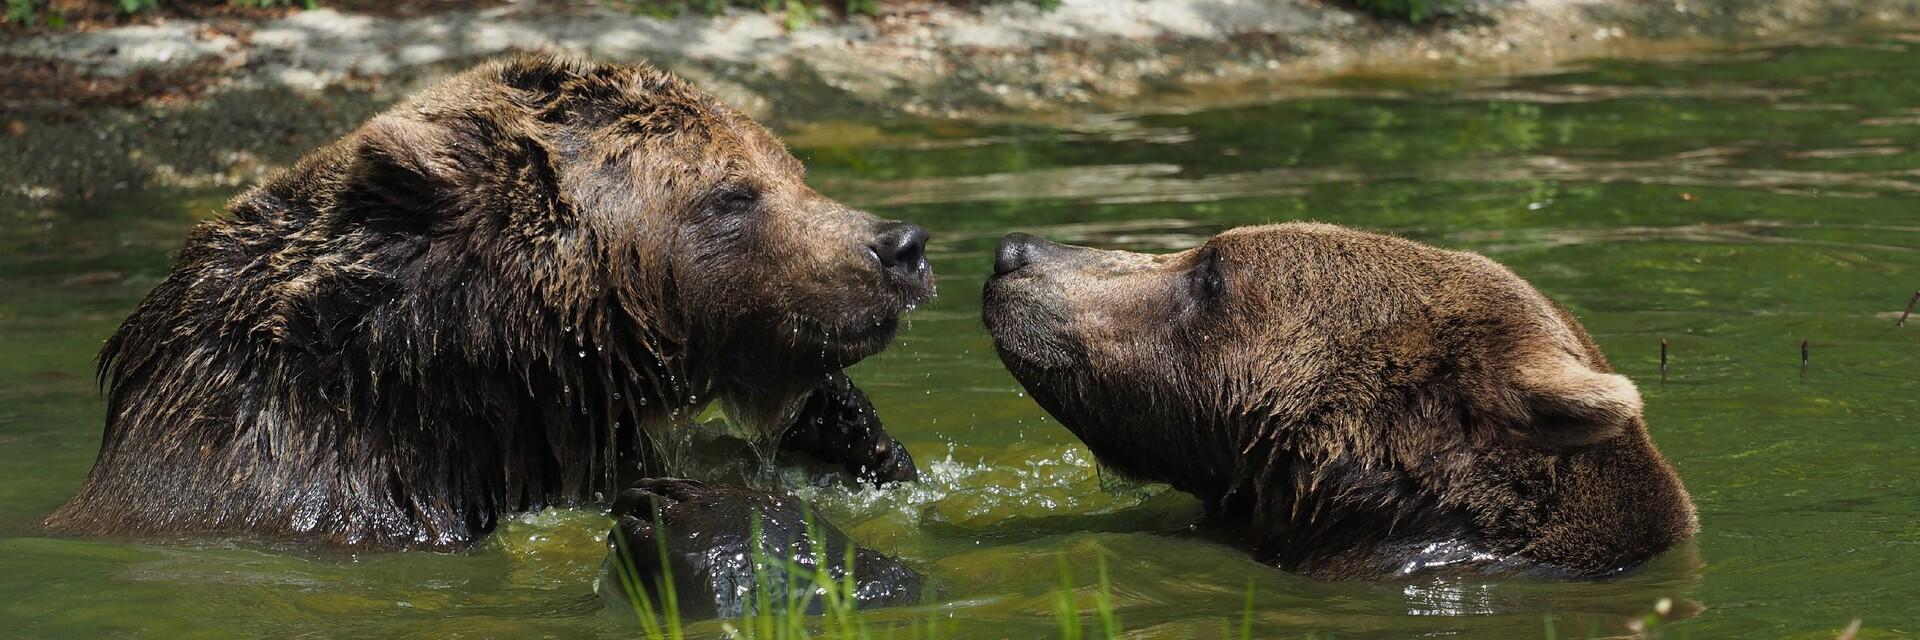 Bärin Emma und Bär Erich spielen im Teich